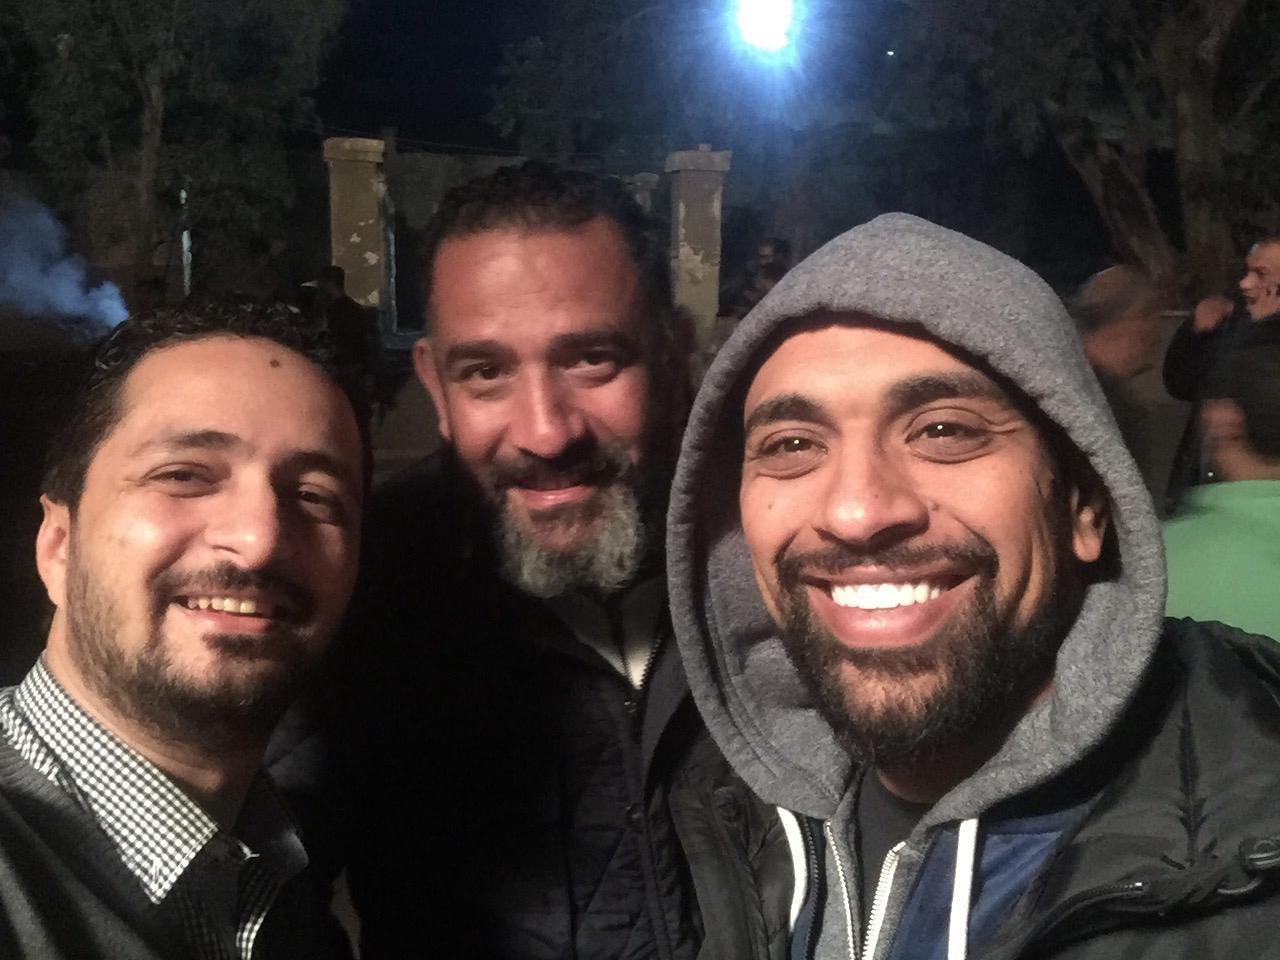 المخرج حسام على والمؤلف أمين جمال والمنتج الفنى هانى عبد الله